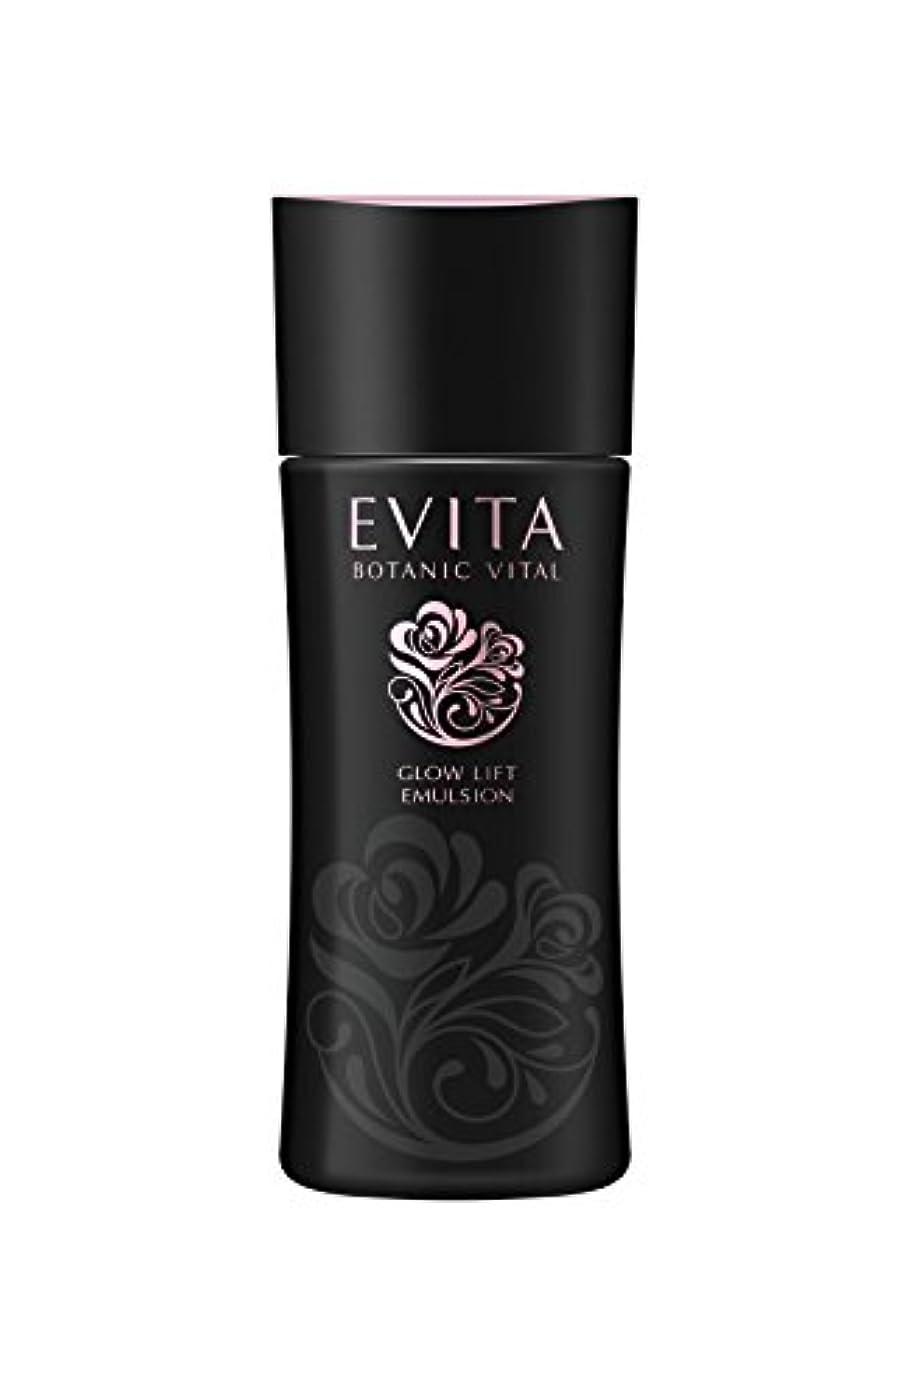 酔っ払い取り囲むわなエビータ ボタニバイタル 艶リフト ミルク III濃密しっとり エレガントローズの香り 乳液